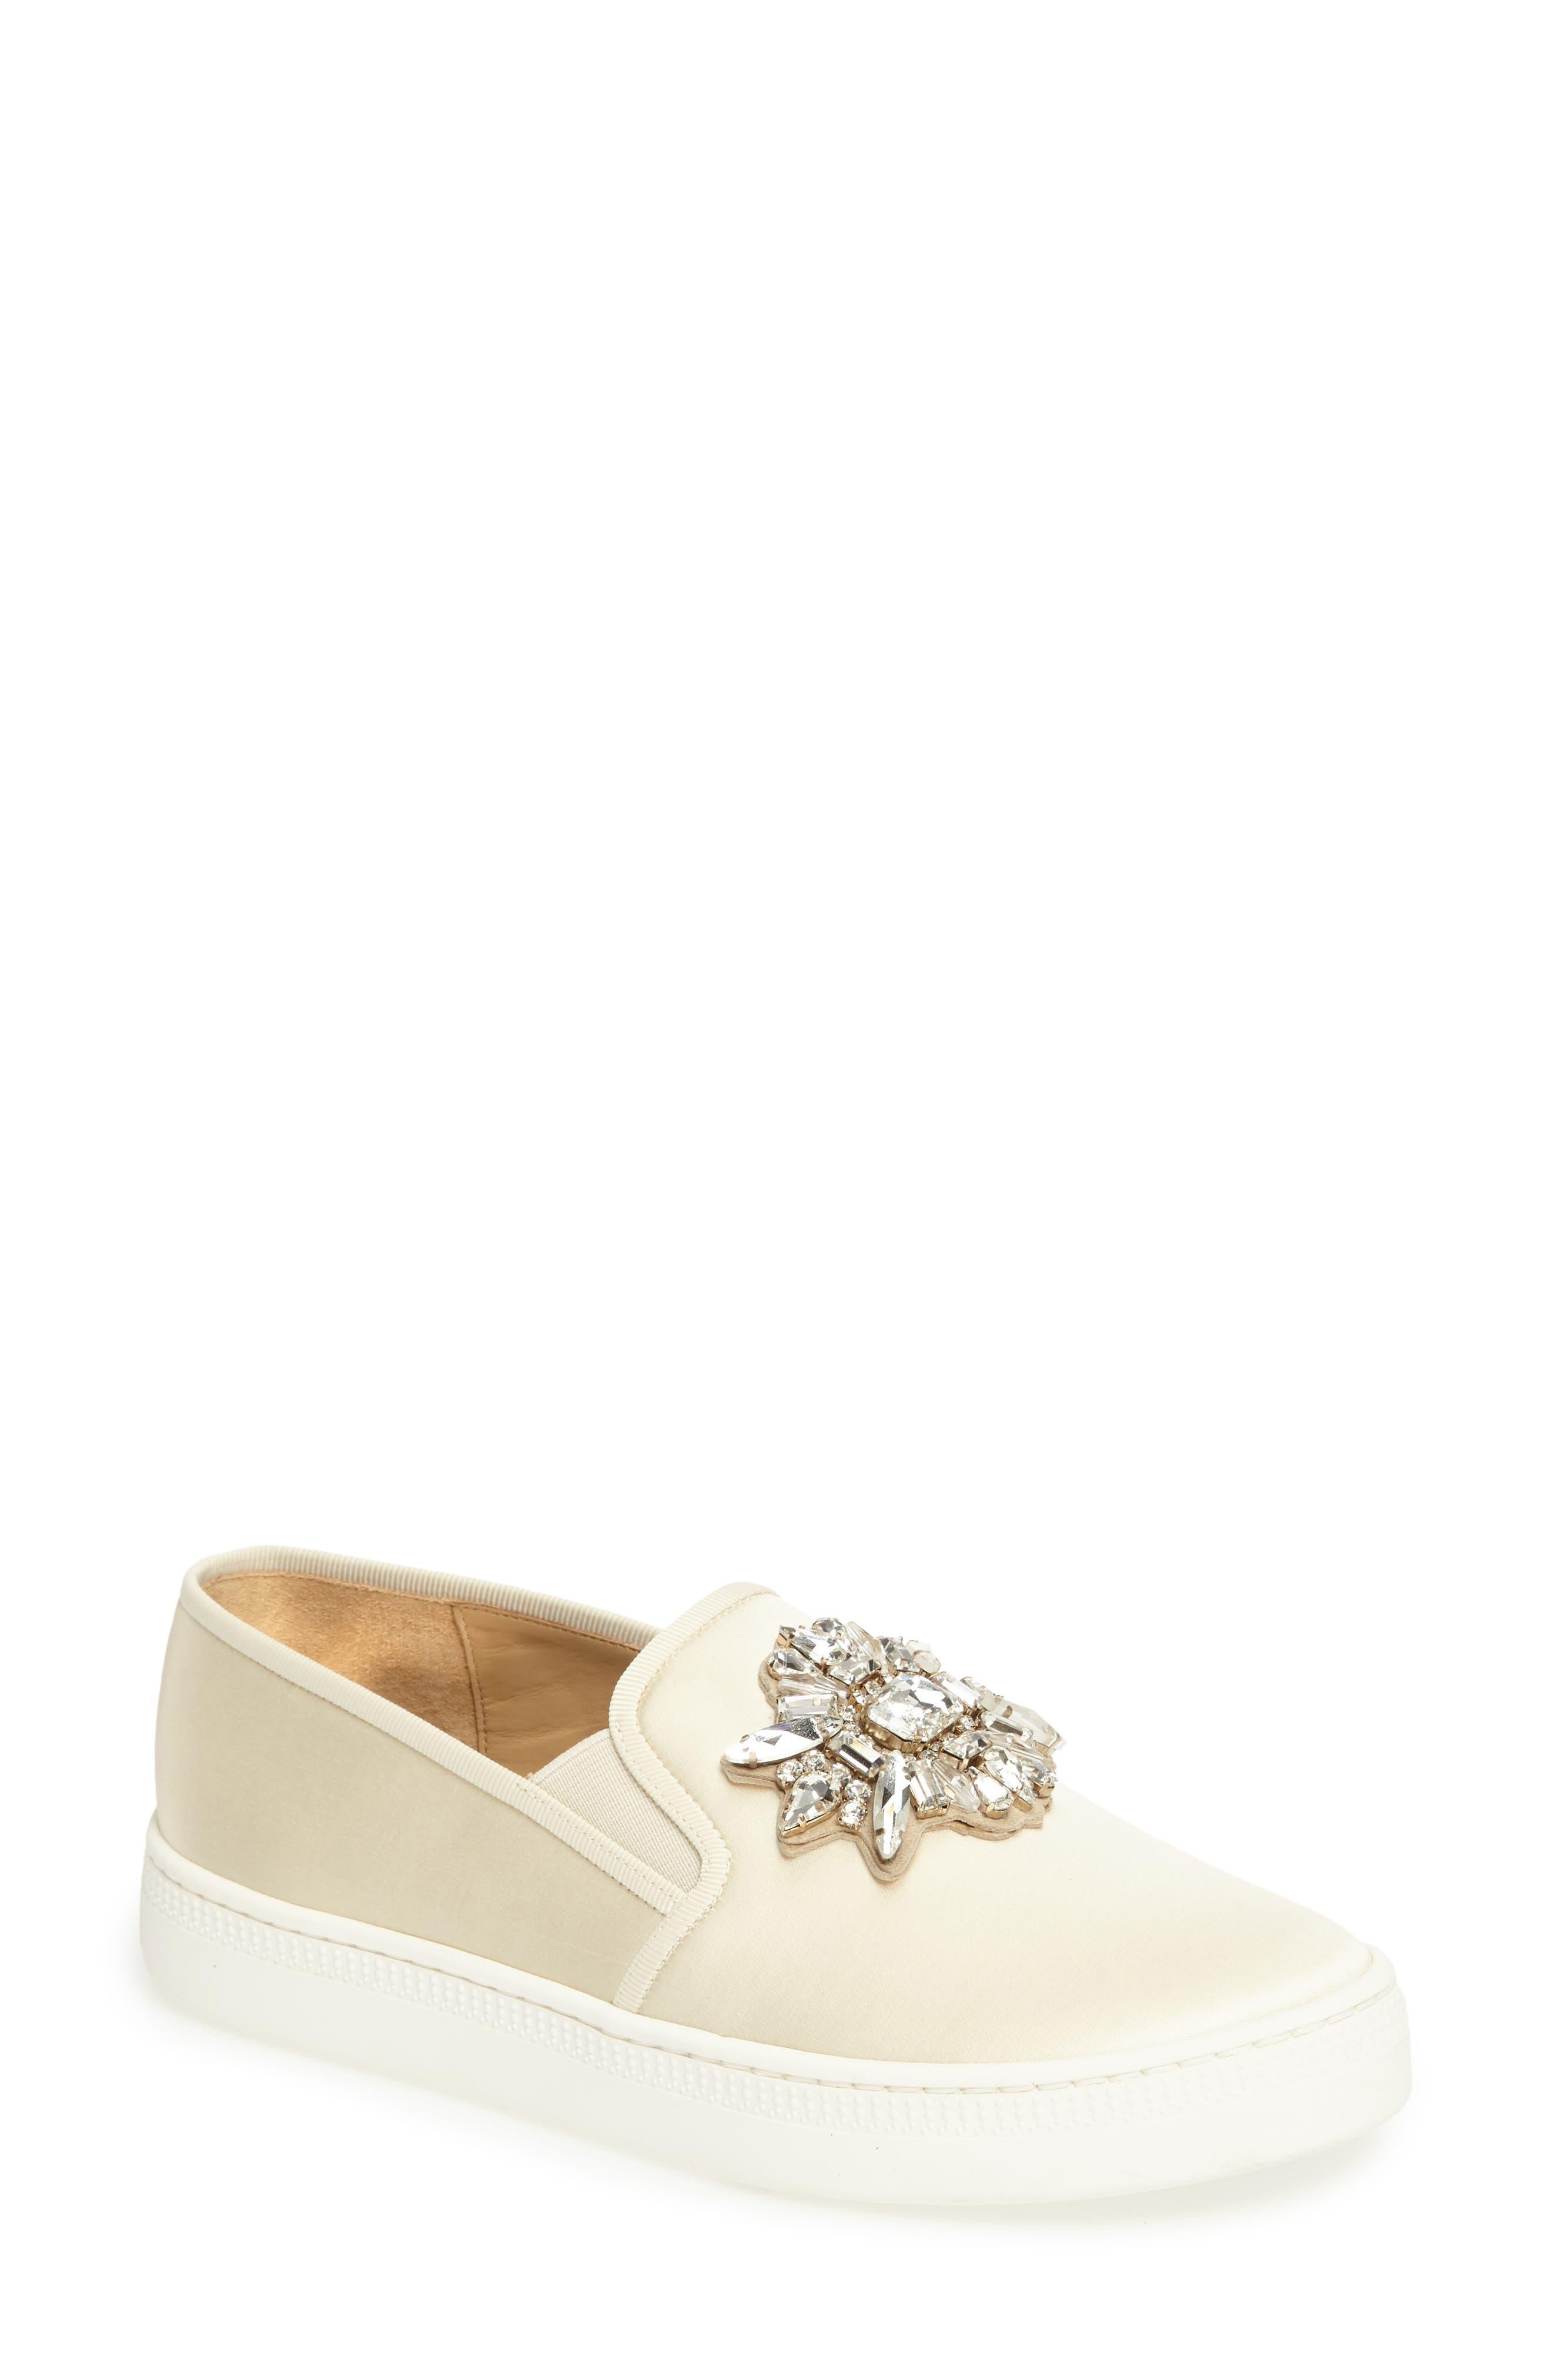 Barre Crystal Embellished Slip-On Sneaker,                         Main,                         color, Ivory Satin